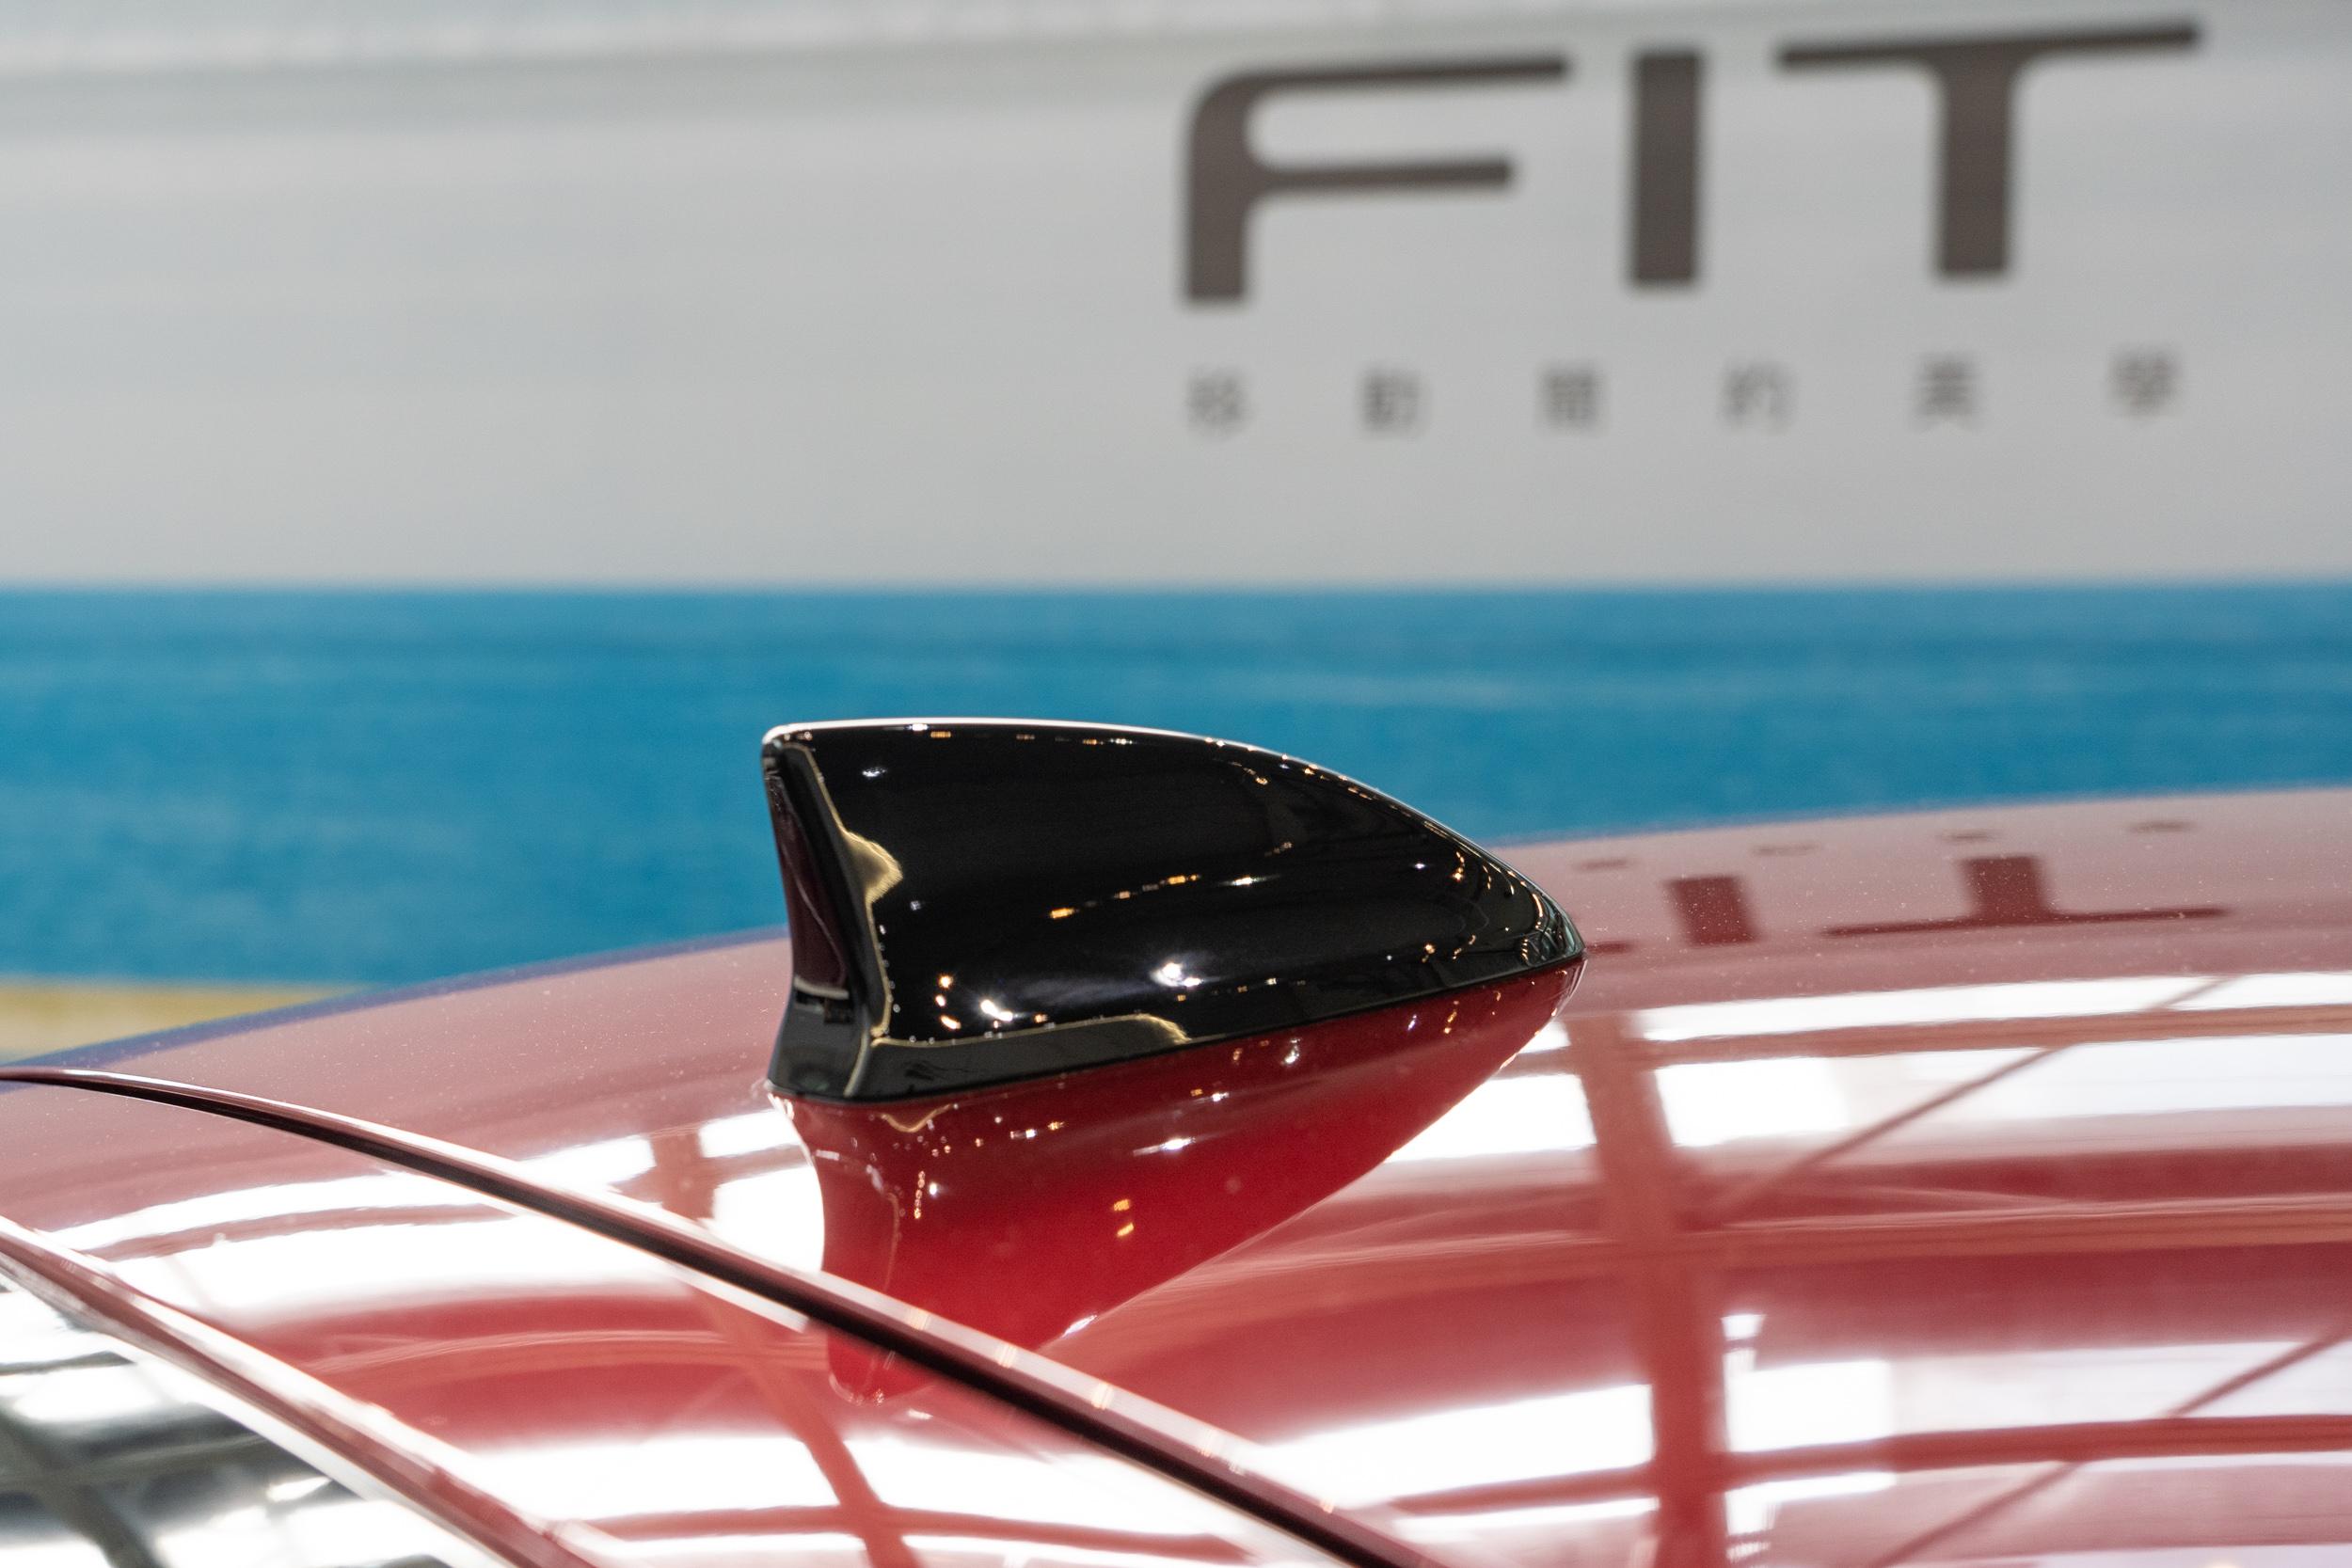 全新 Fit 車高較上世代降低,但因爲改為固定式的鯊魚鰭天線,因此在車身高度計算會包含天線,讓車高數據看起來比上世代更高。